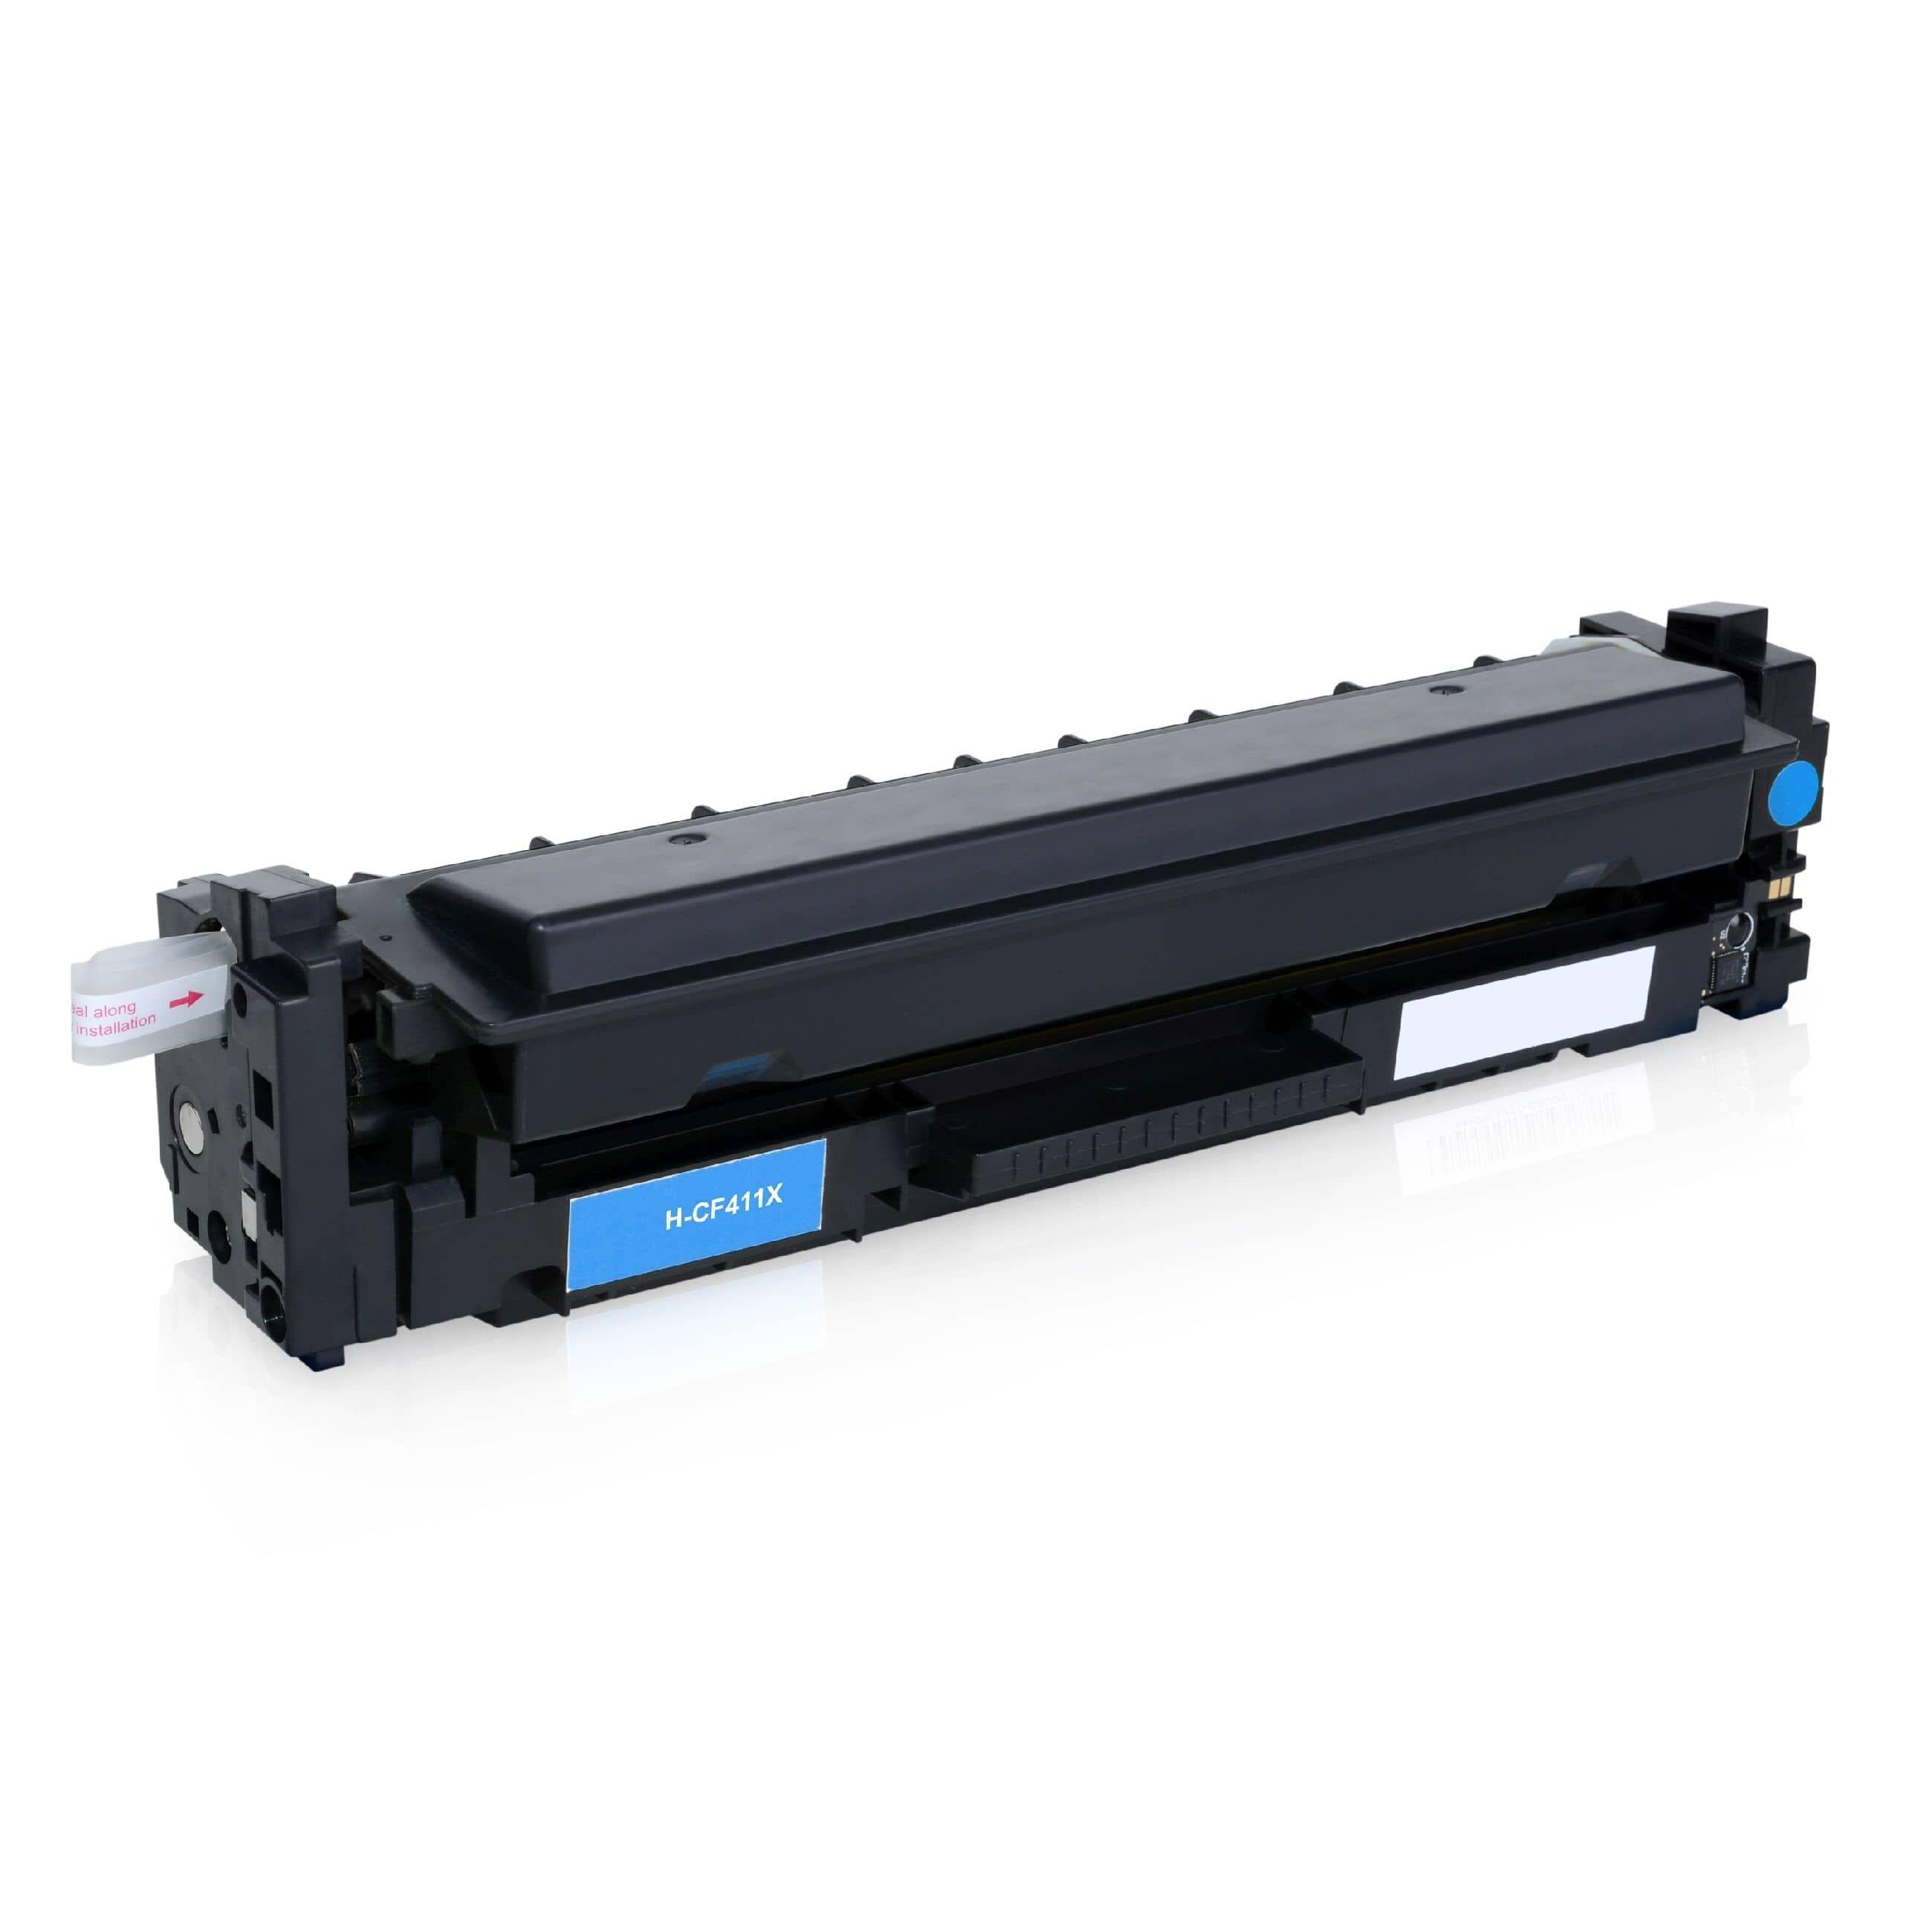 HP Cartouche de Toner pour HP CF411X / 410X cyan compatible (de marque ASC)